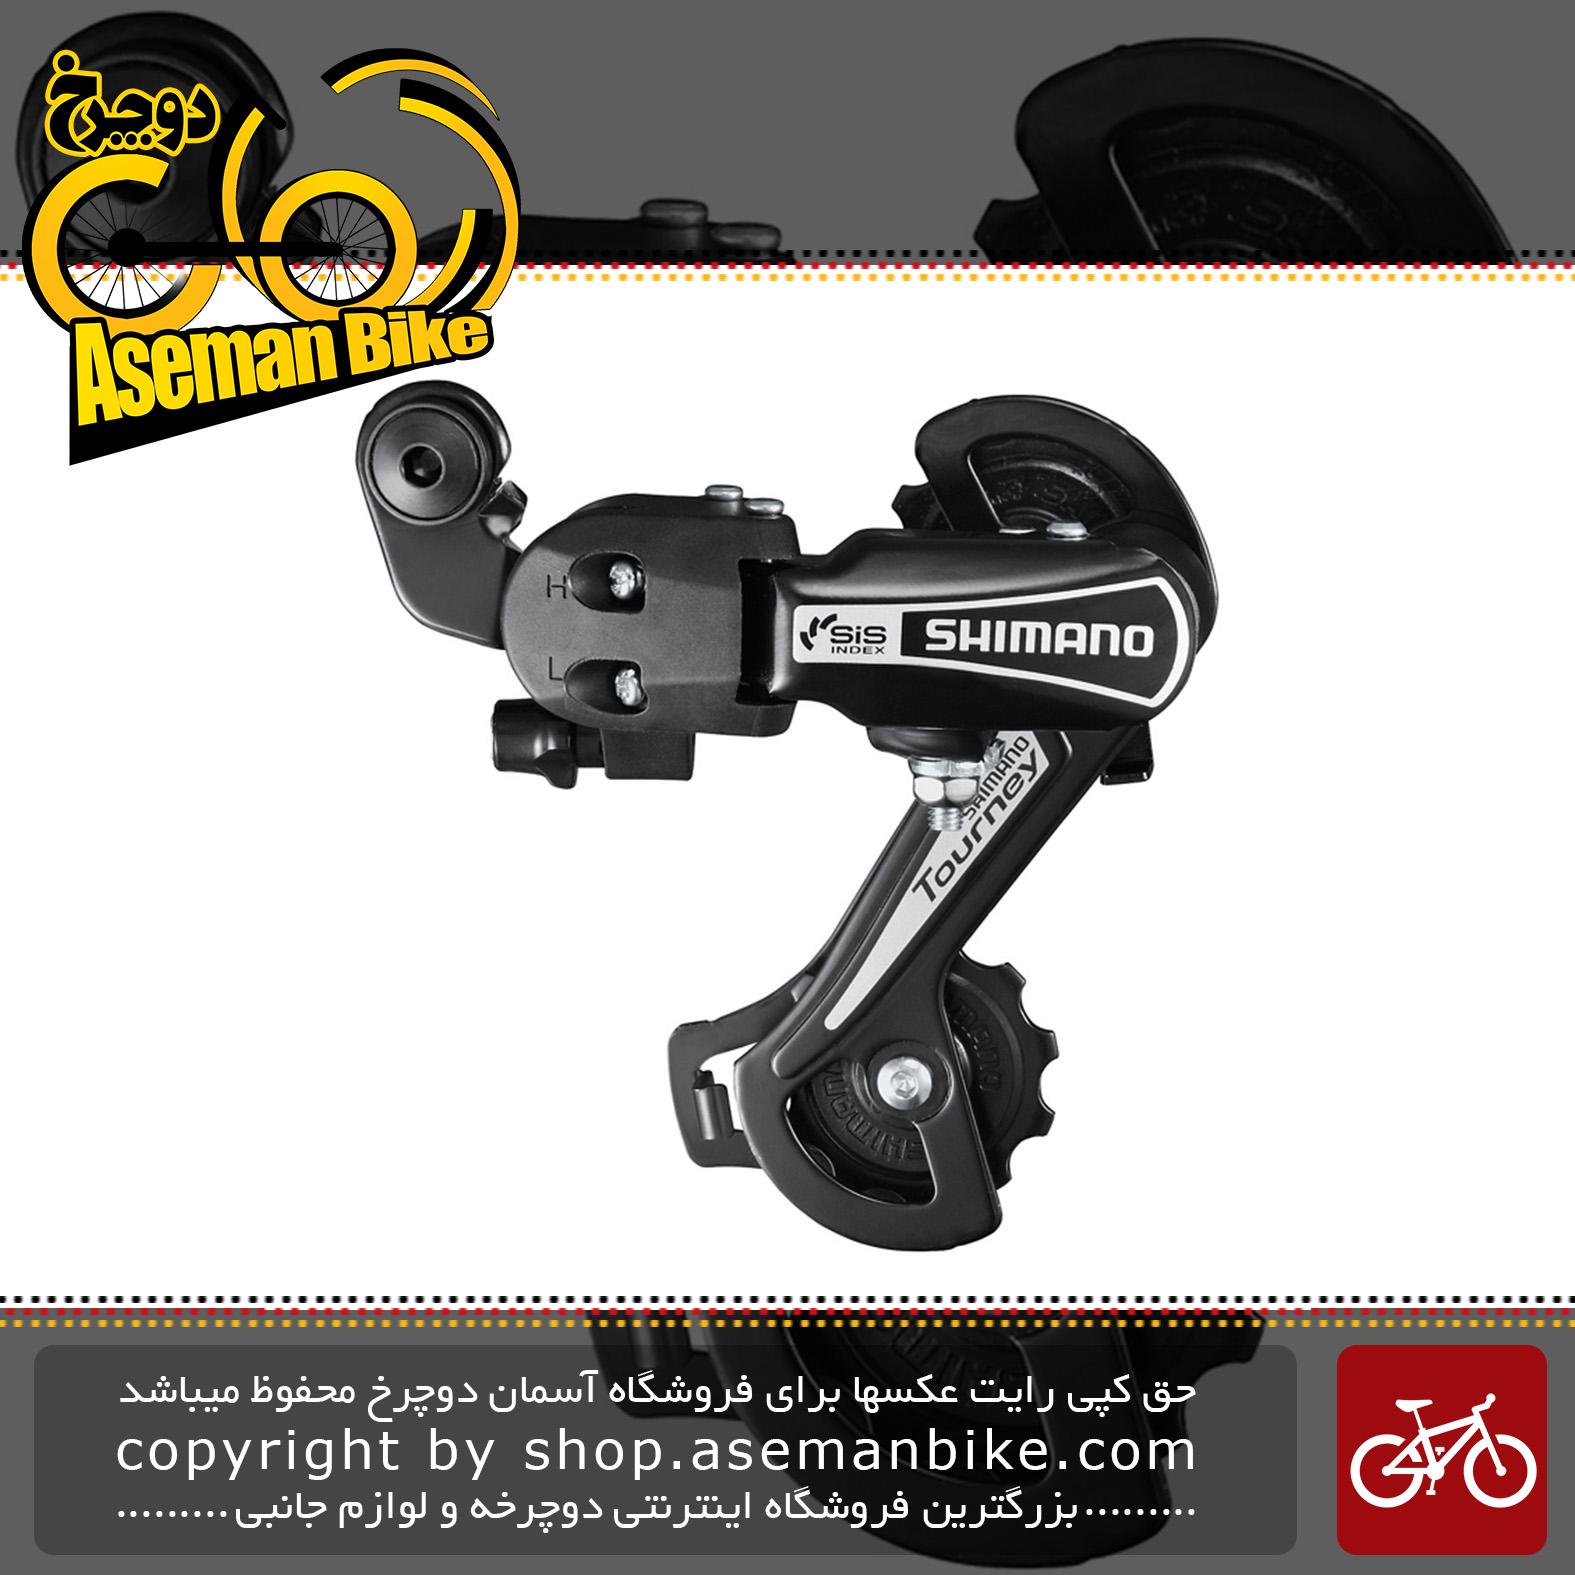 شانژمان دوچرخه کوهستان شیمانو تورنی تی وای 21 6 و 7 سرعته Shimano Rear Derailleur TY-21